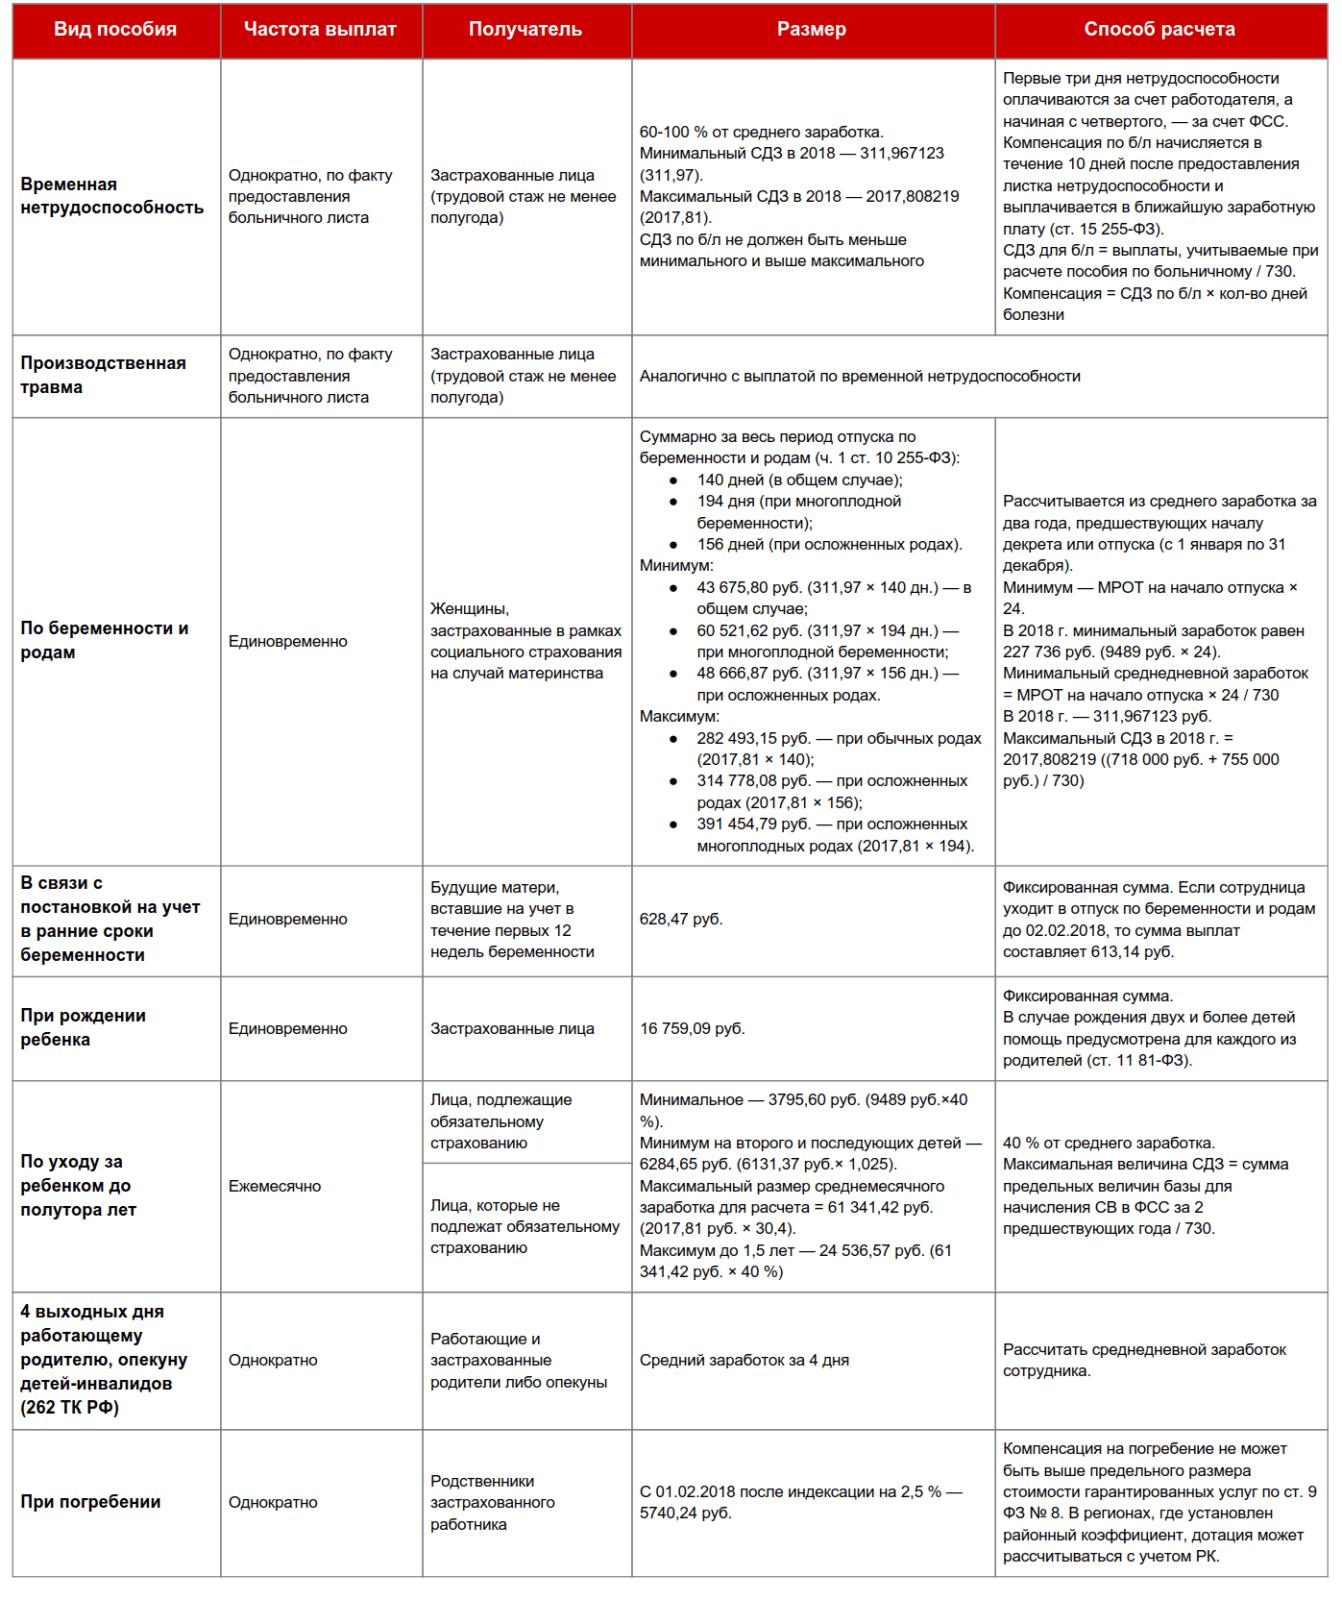 Пособия ФСС в 2018 году: таблица, что и когда платить